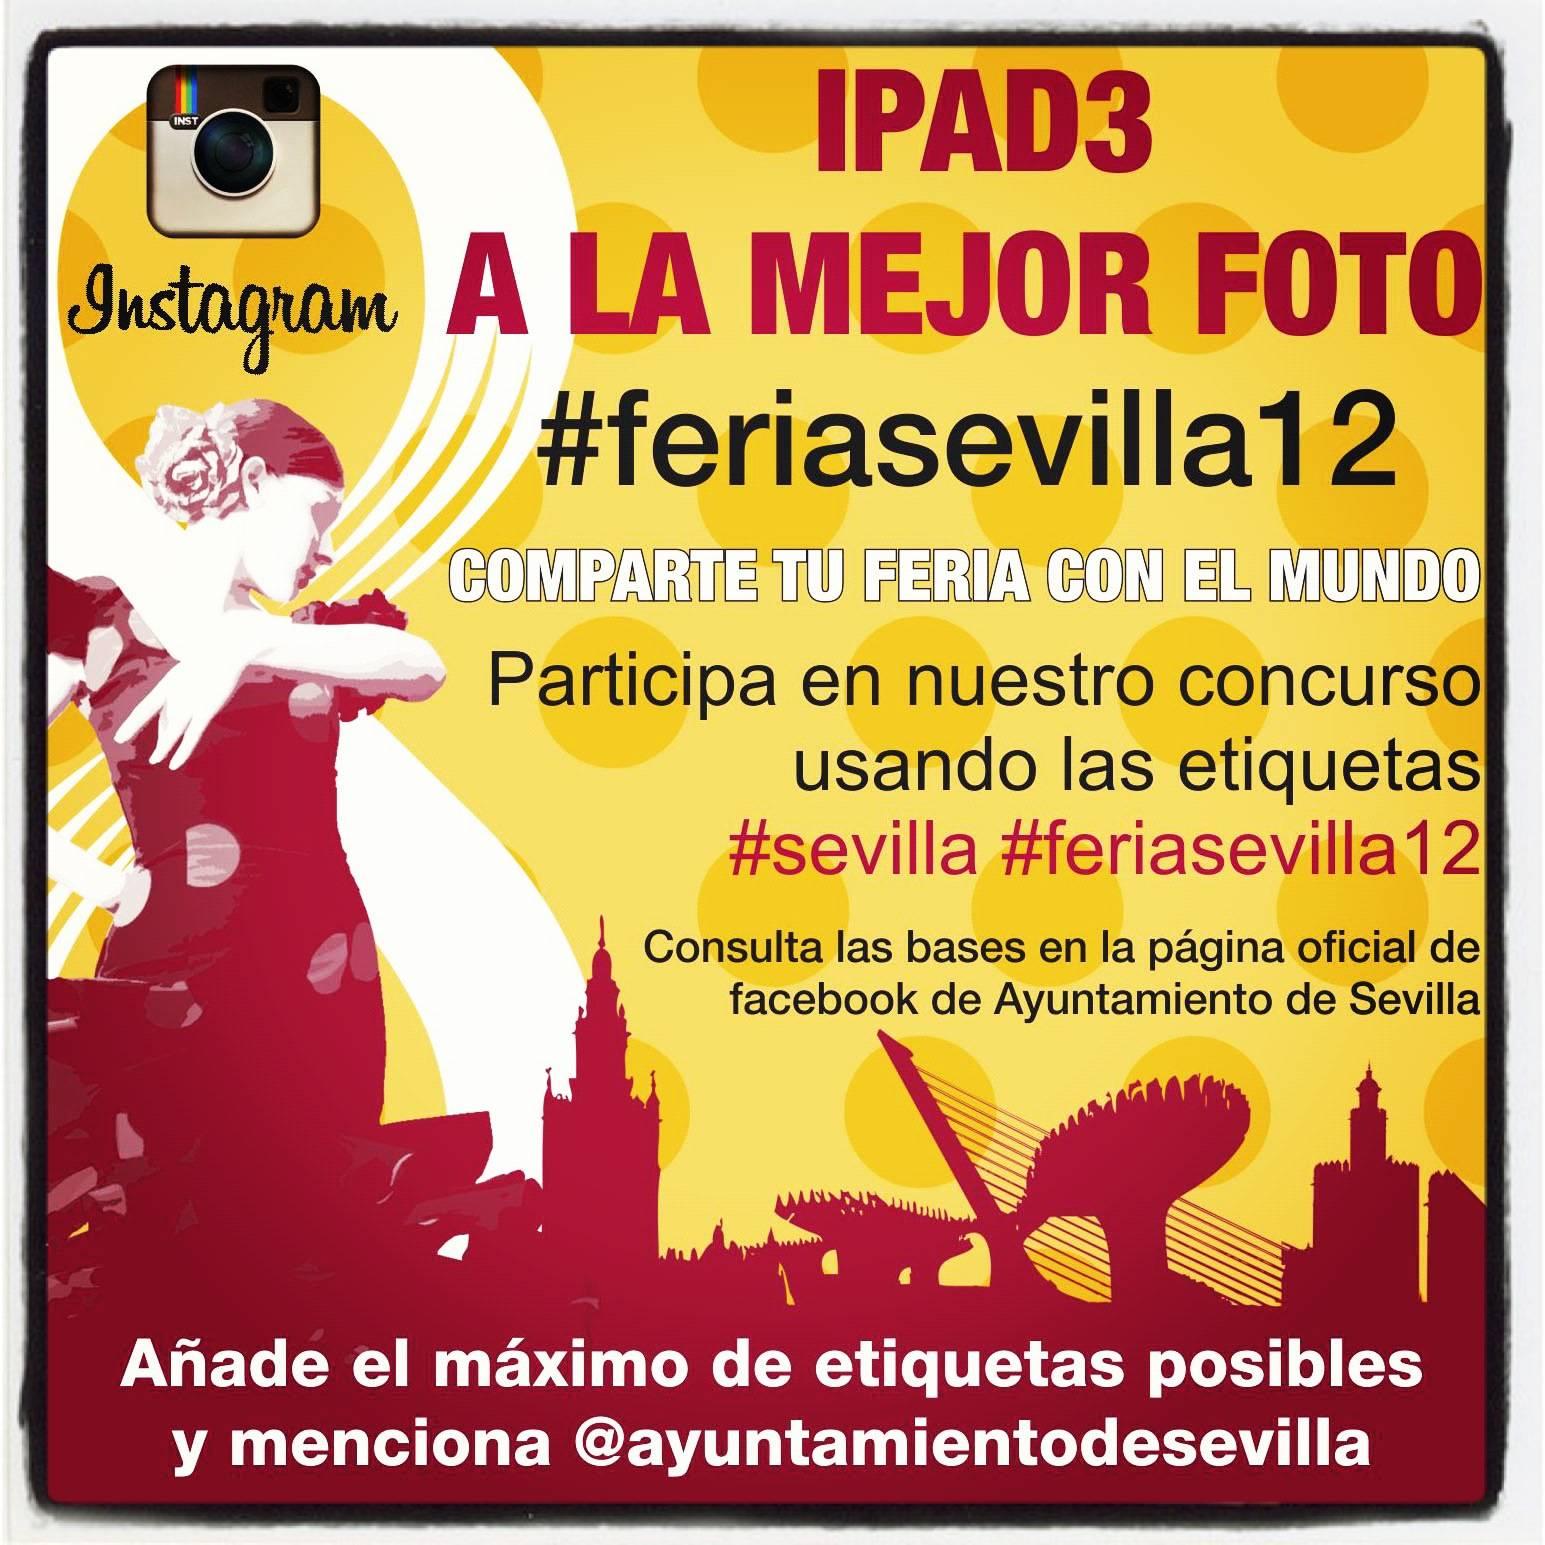 El ayuntamiento de Sevilla promociona su feria en Instagram